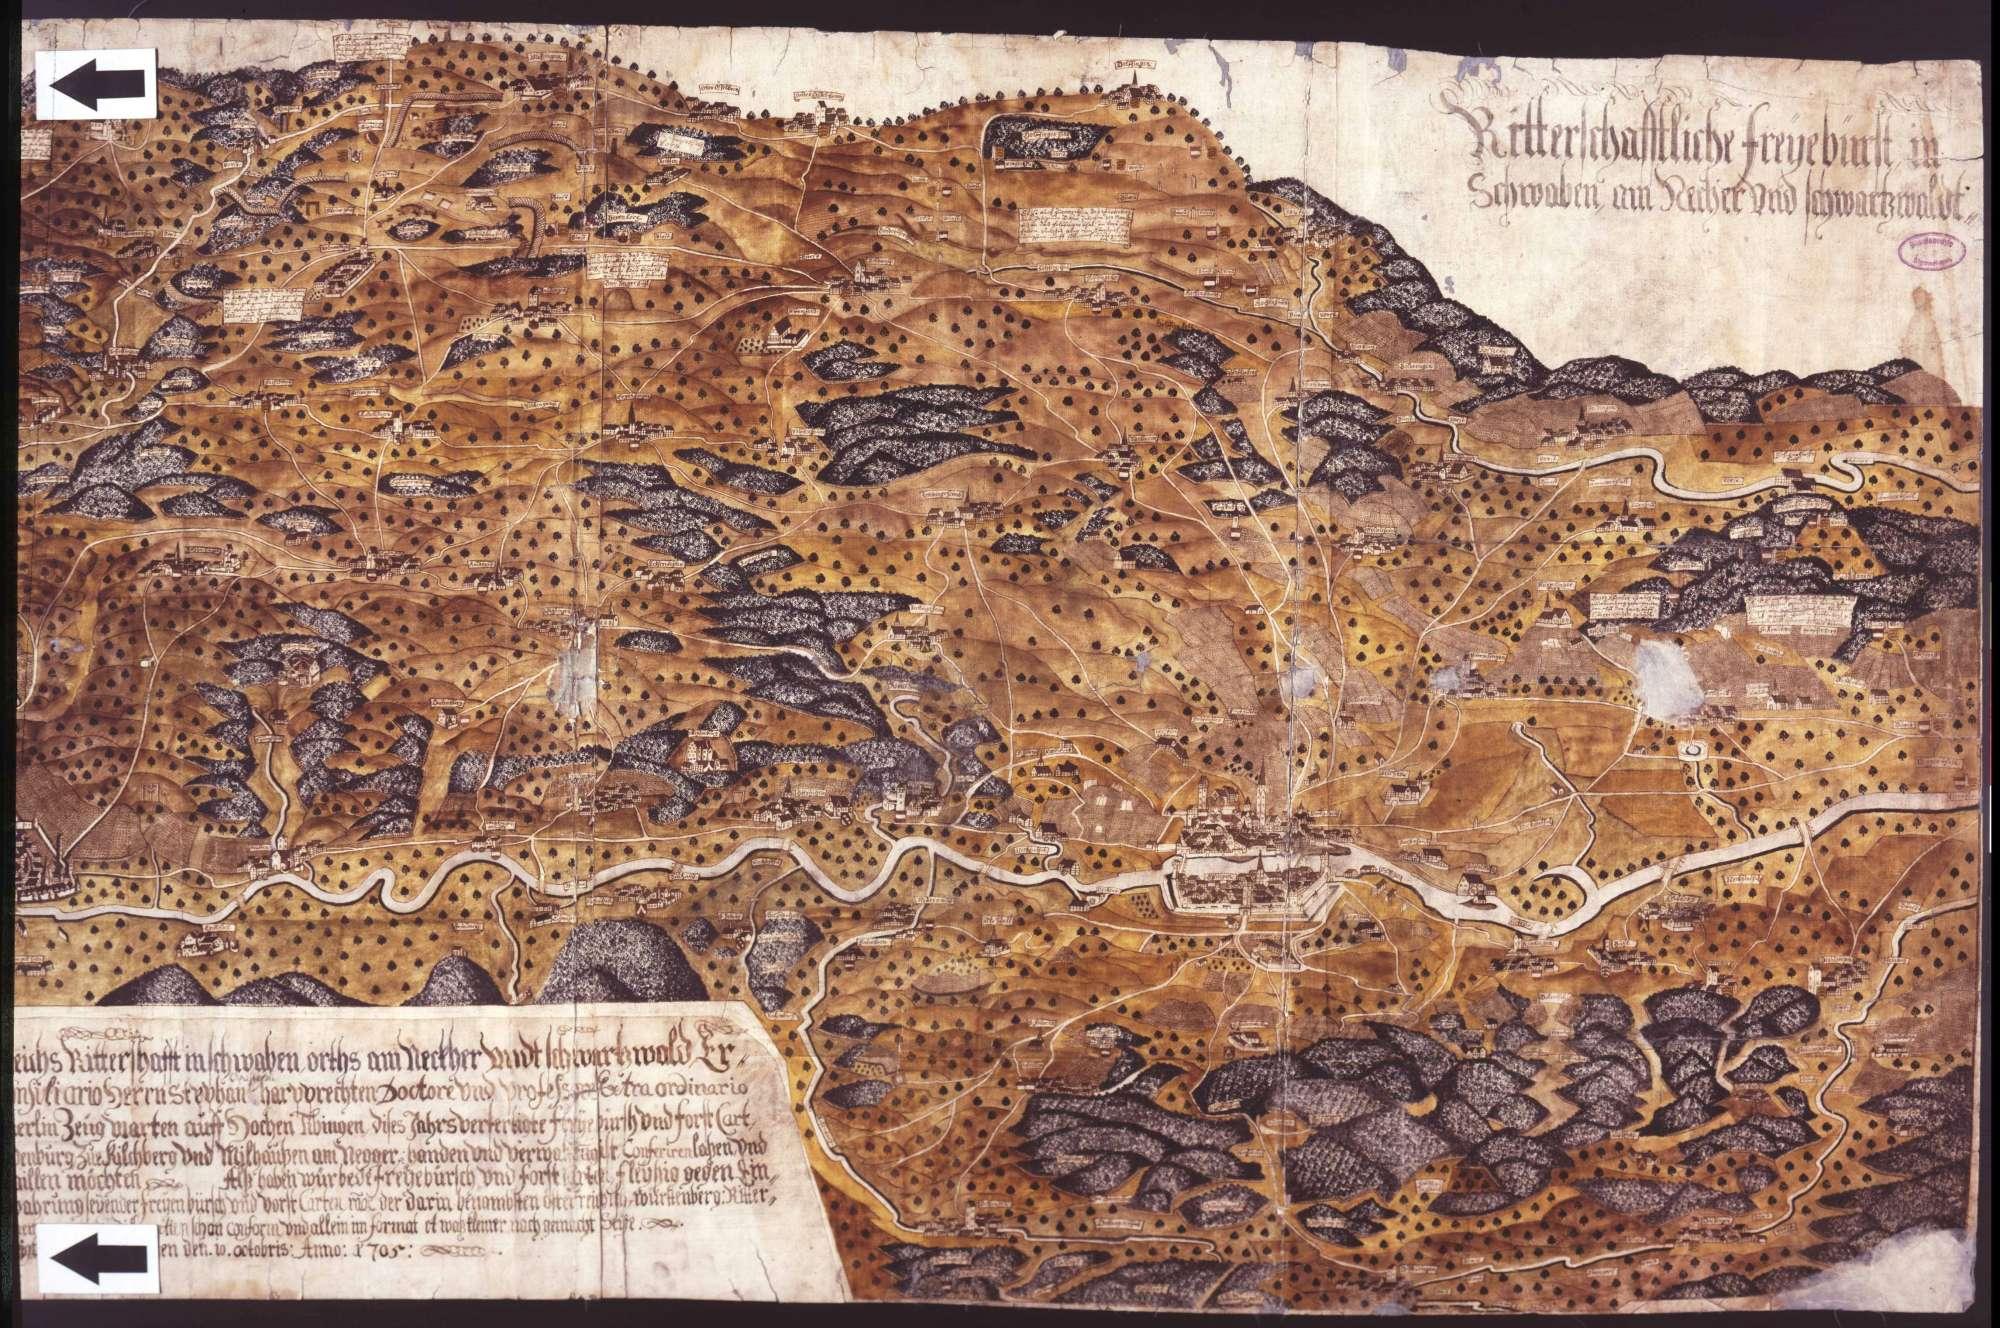 Ritterschaftliche freie Pürsch in Schwaben am Neckar und Schwarzwald, Bild 2